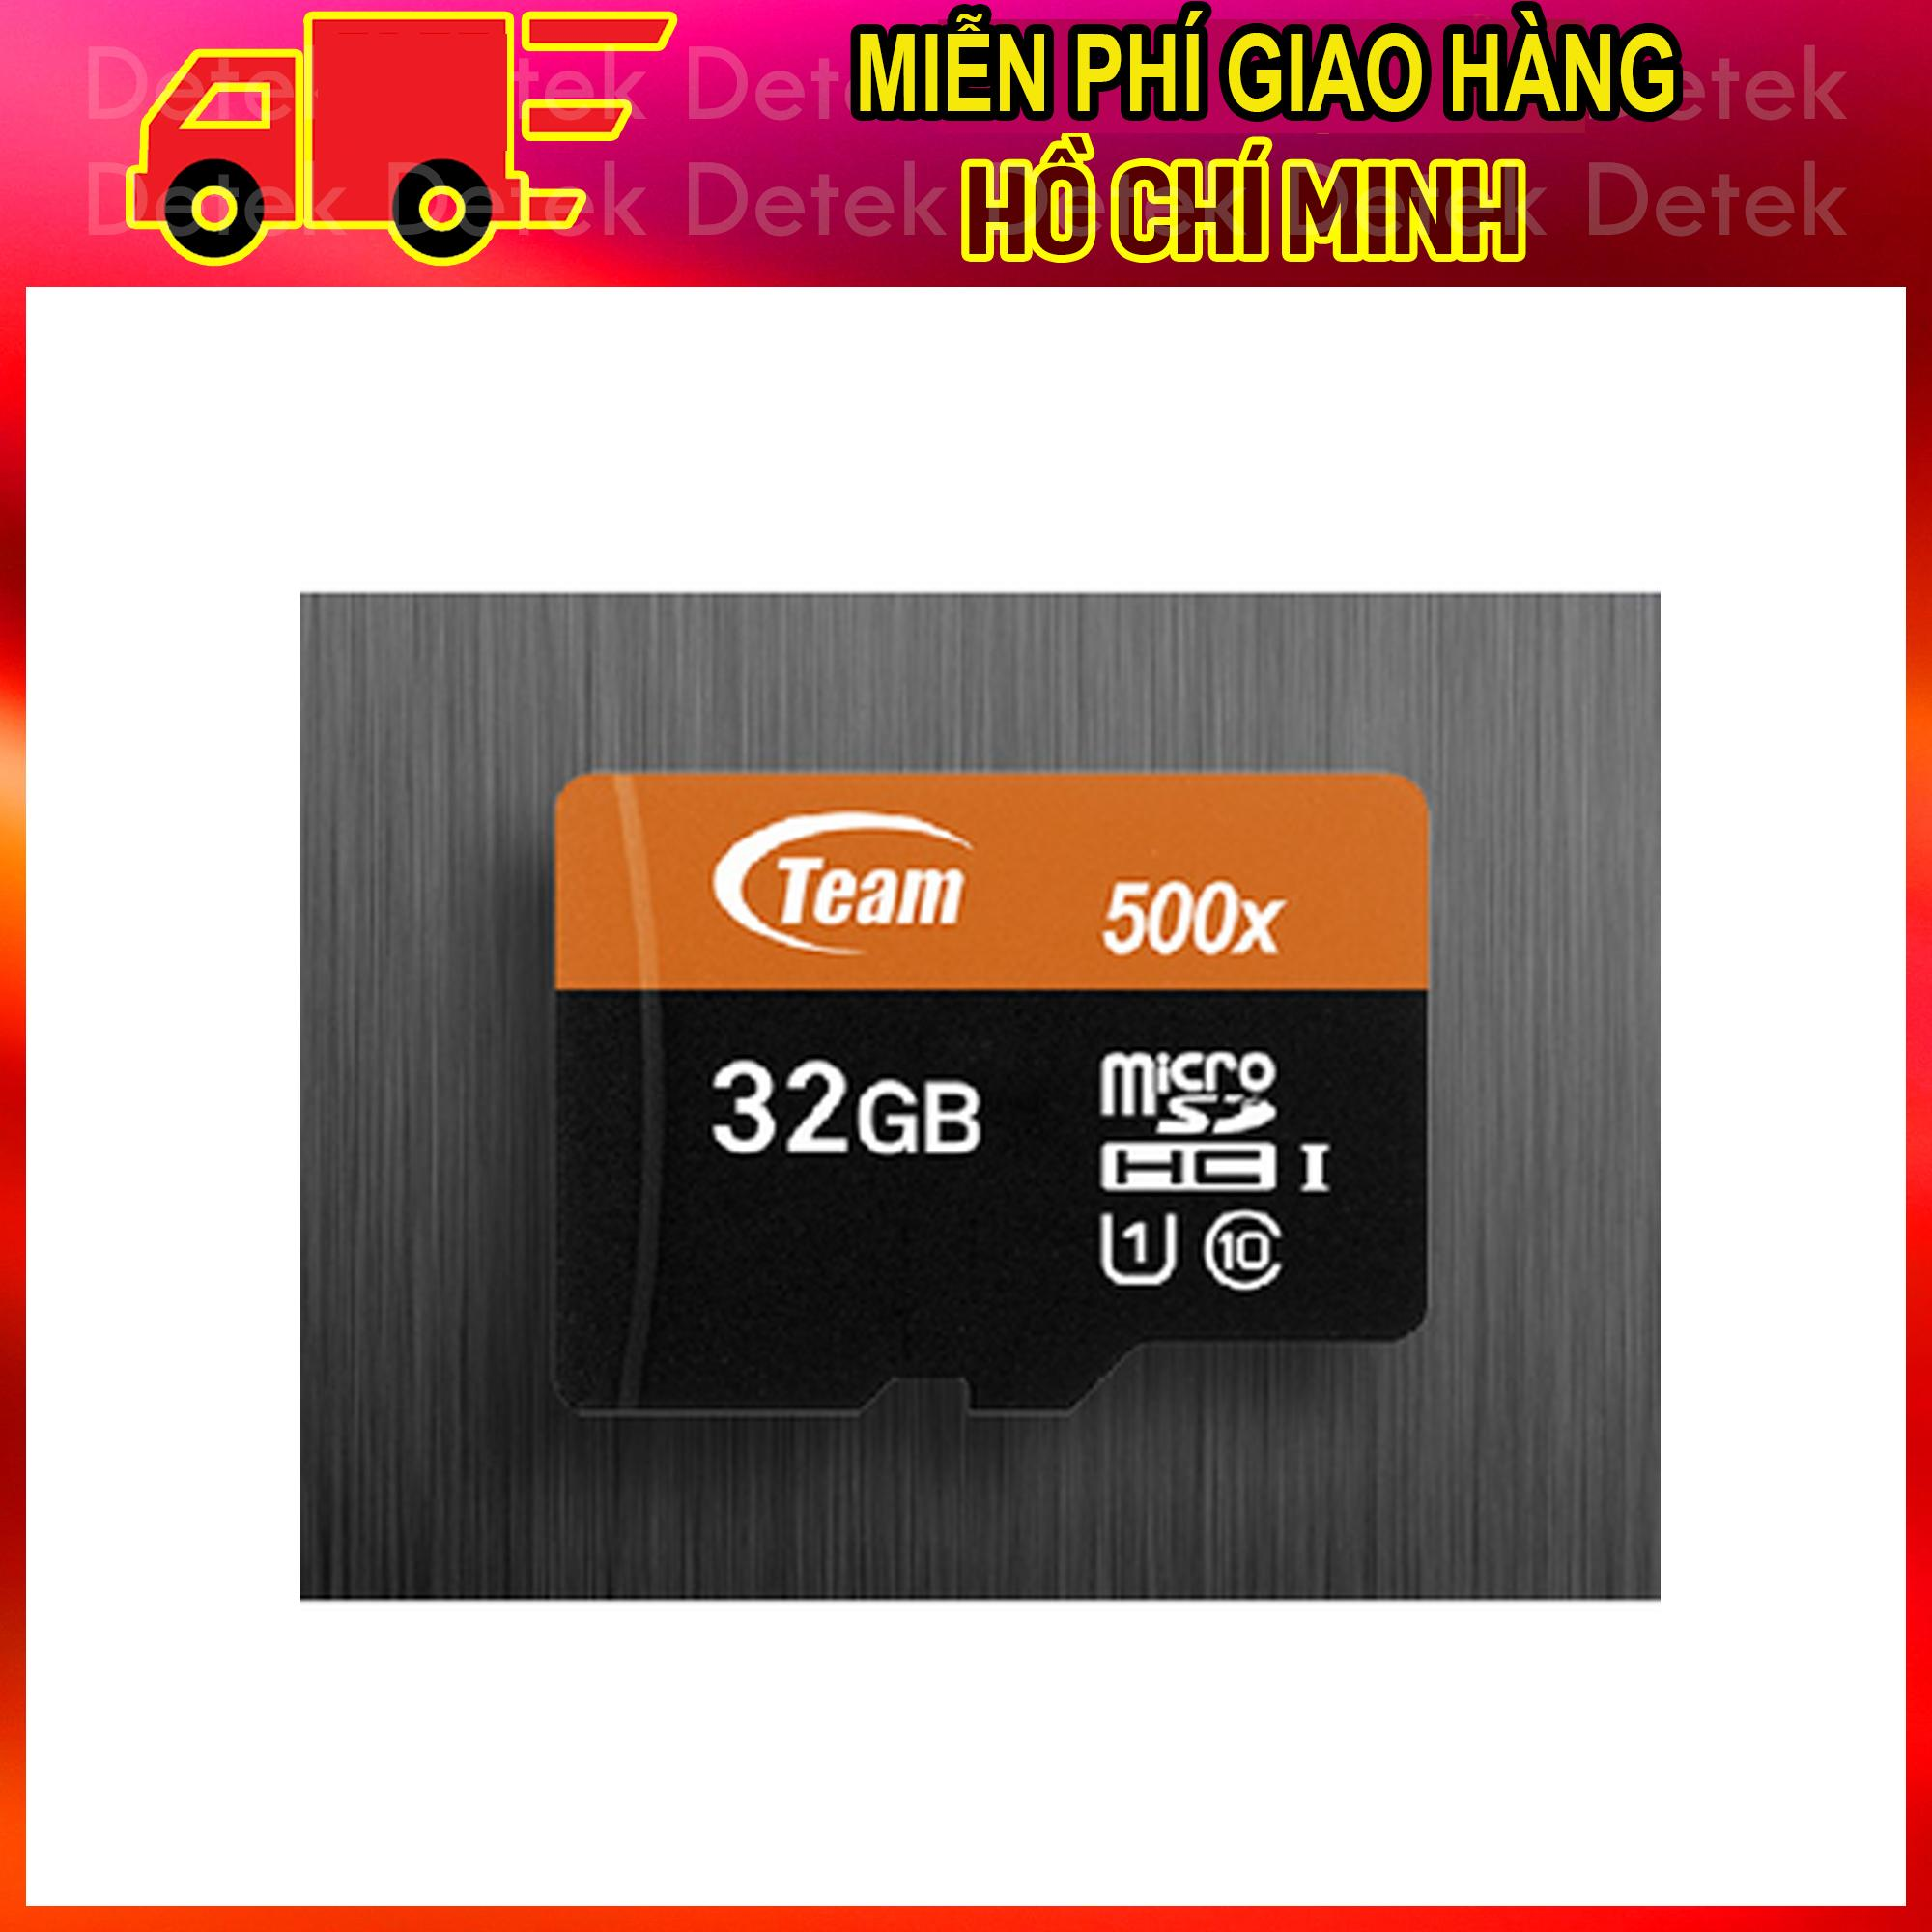 Thẻ nhớ MicroSD Team UHS-I 32Gb (Nhanh hơn Class 10) tặng kèm Adapter